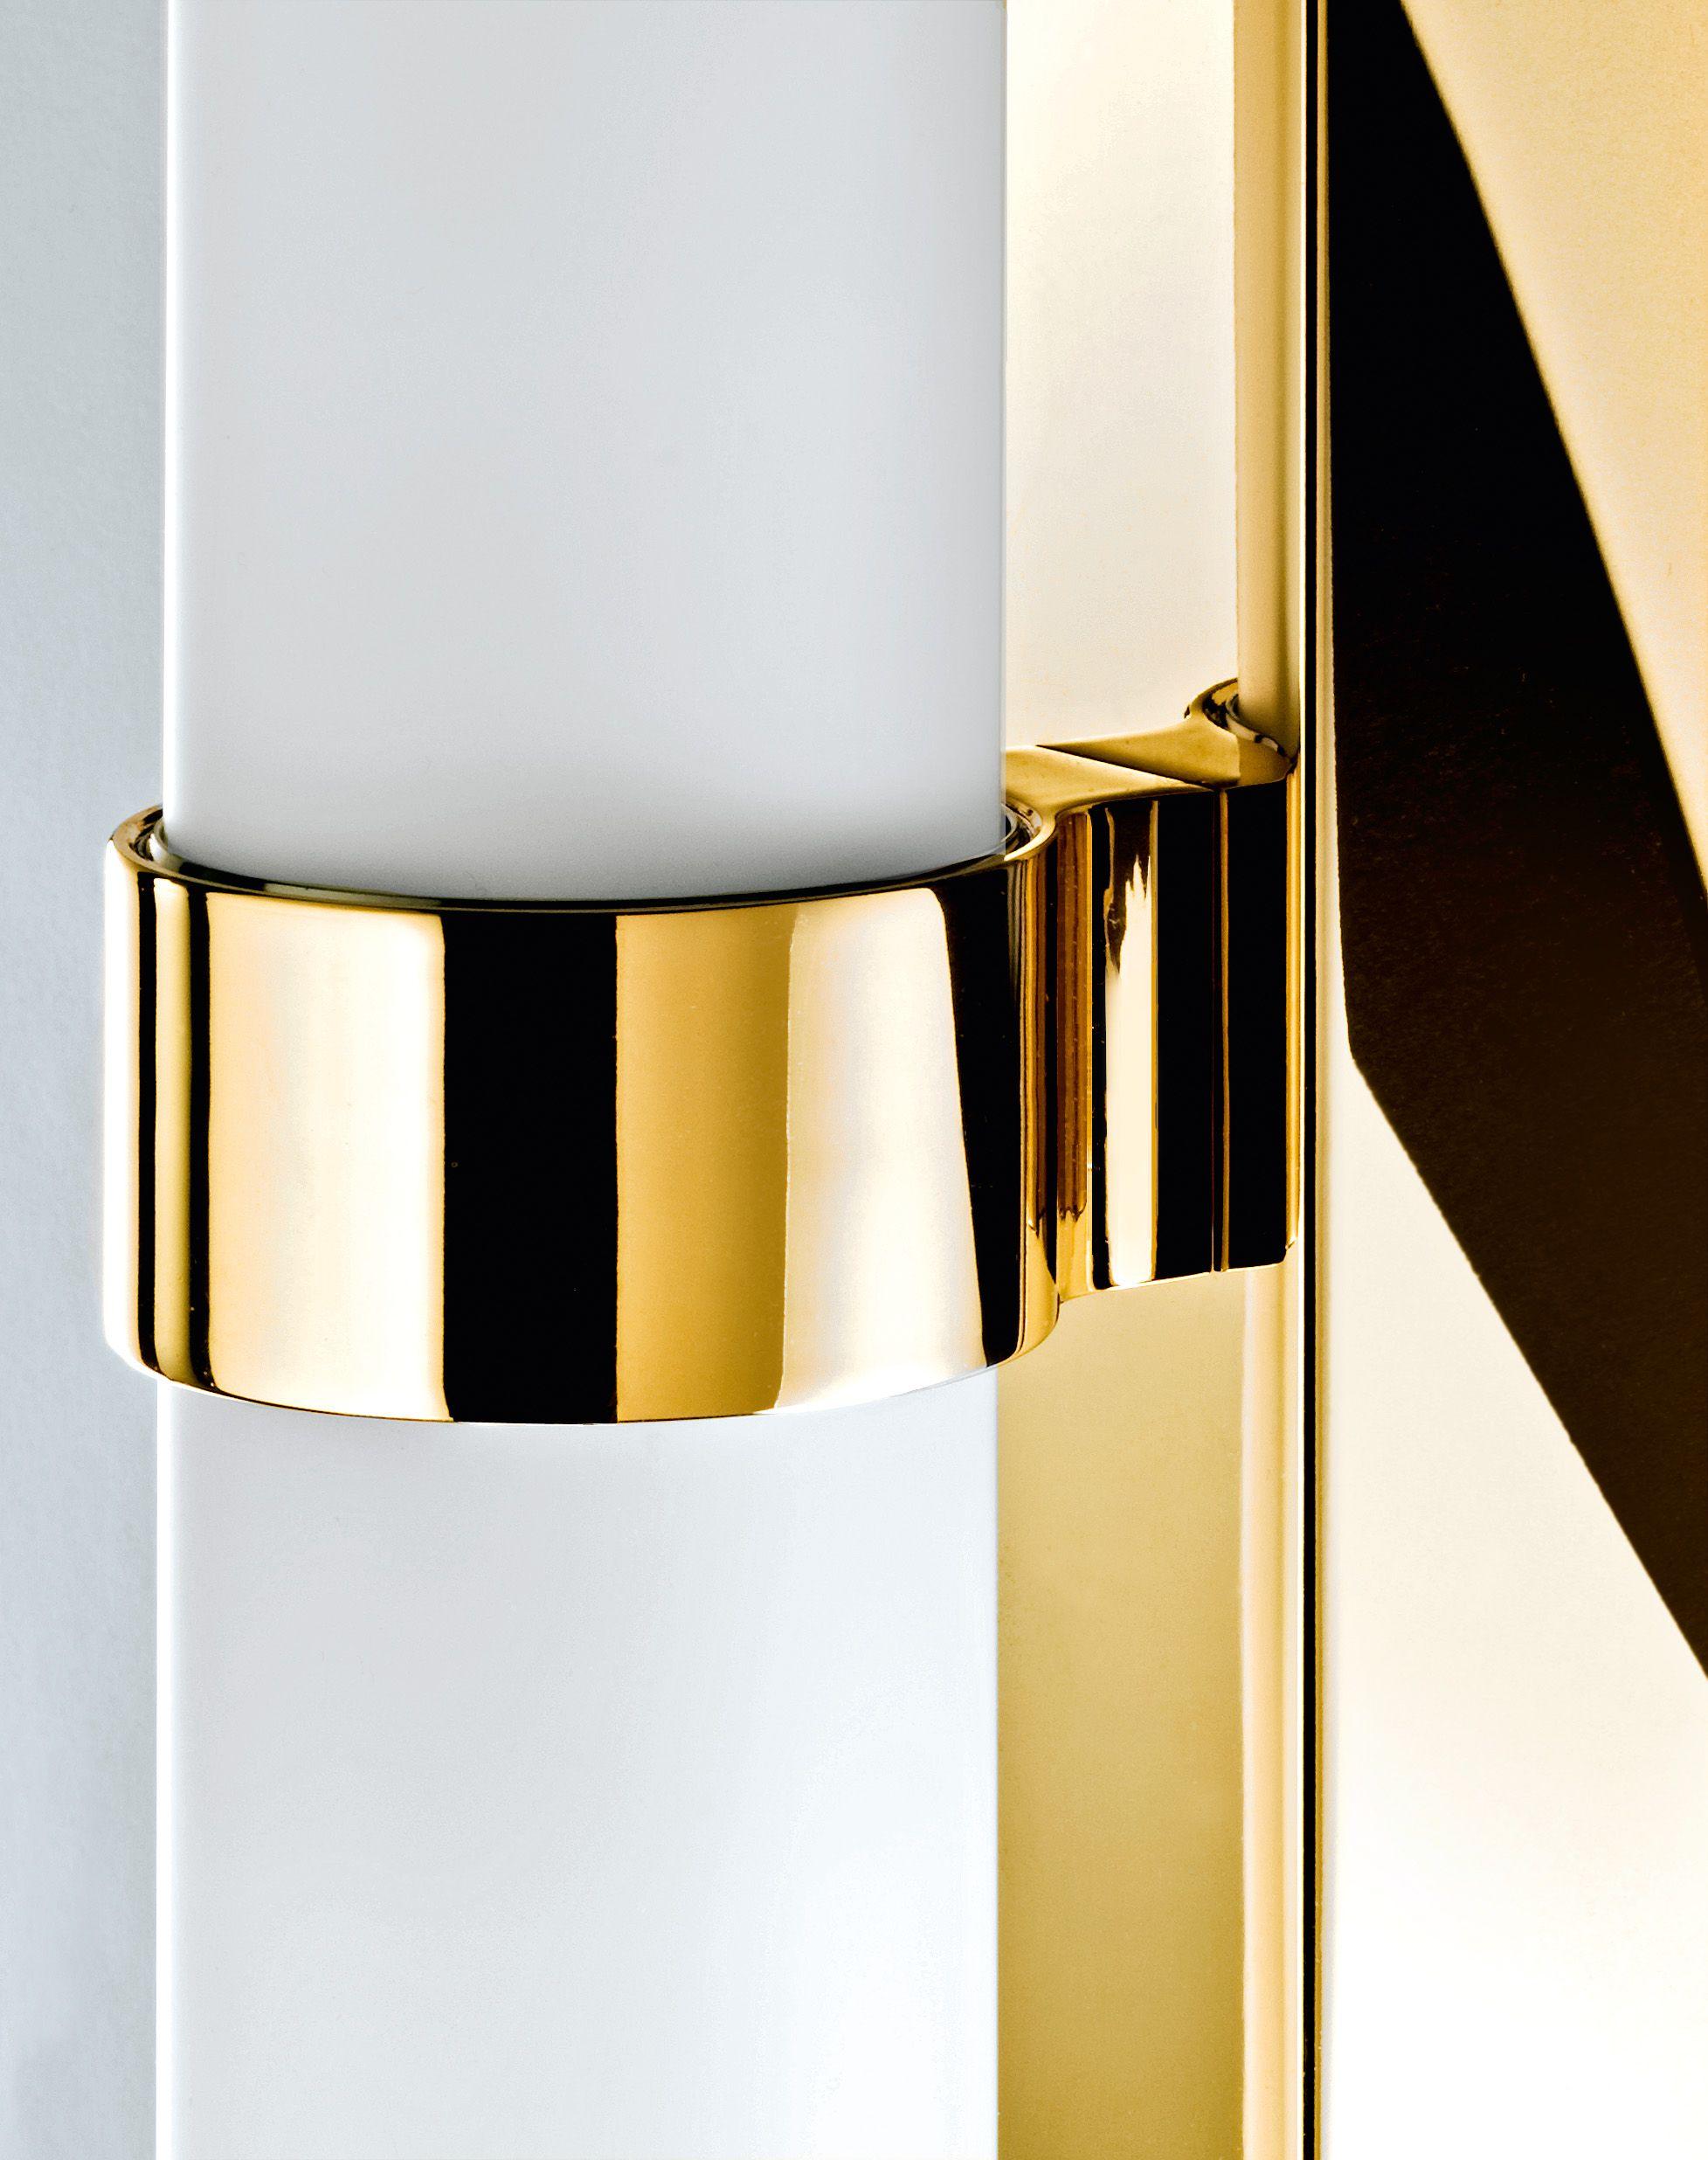 Lámparas De Pared Para Baño:Lamparas Para Banos